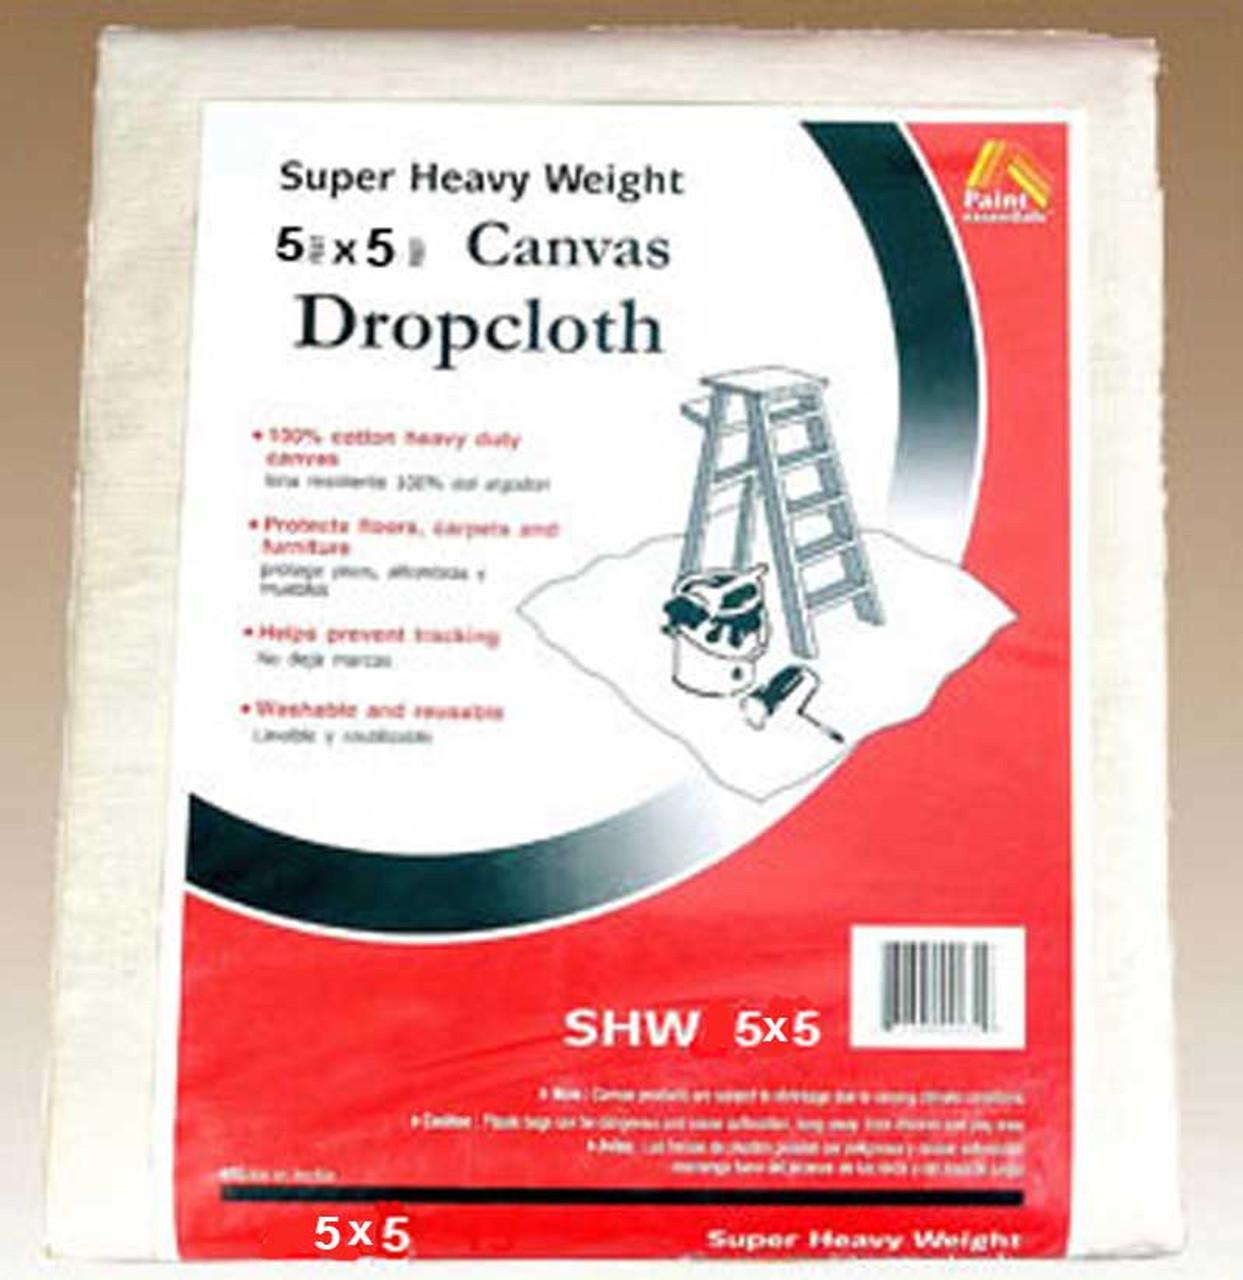 5x5 Canvas Drop Cloth